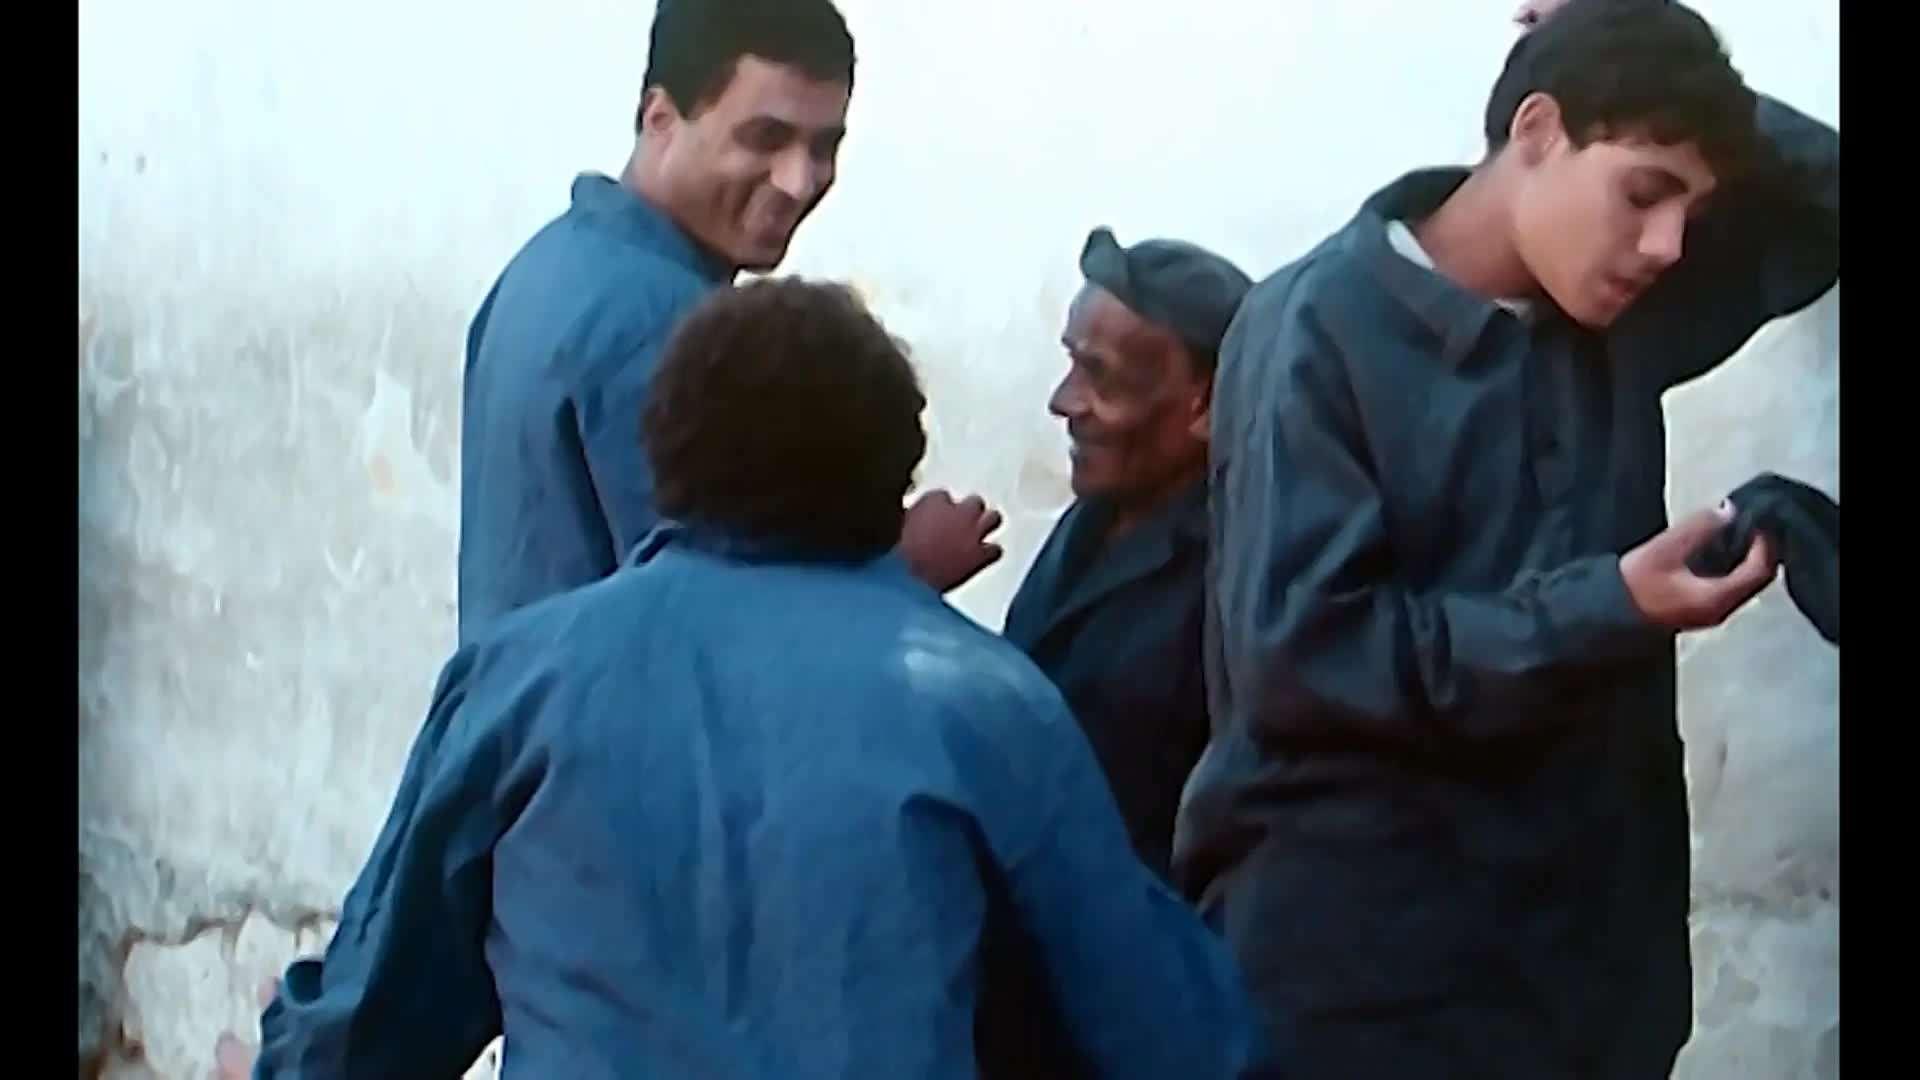 [فيلم][تورنت][تحميل][أحلام هند وكاميليا][1988][1080p][Web-DL] 13 arabp2p.com